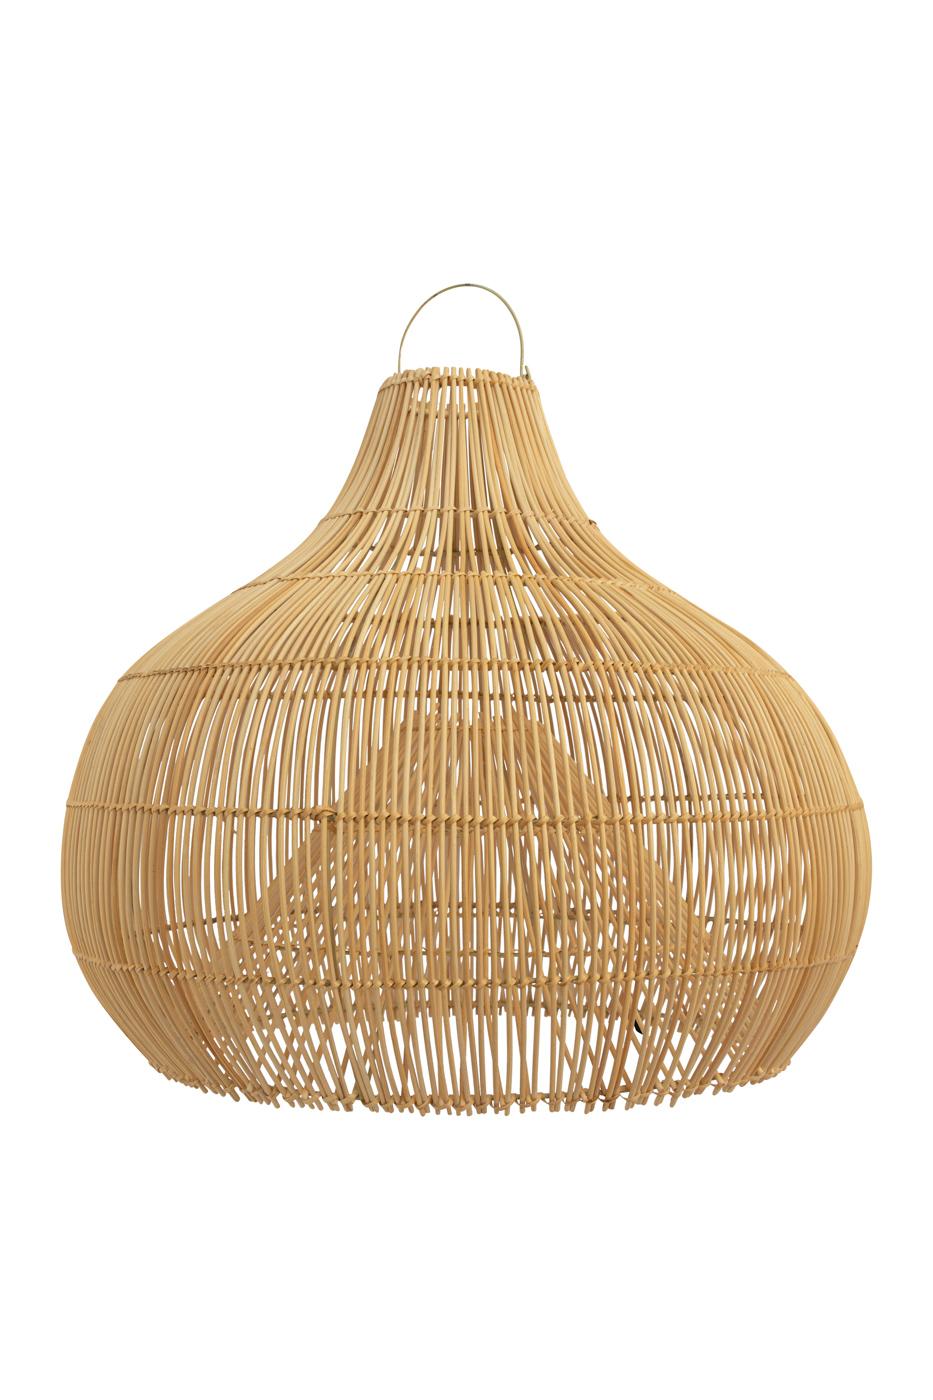 Pendant lamp in rattan bell